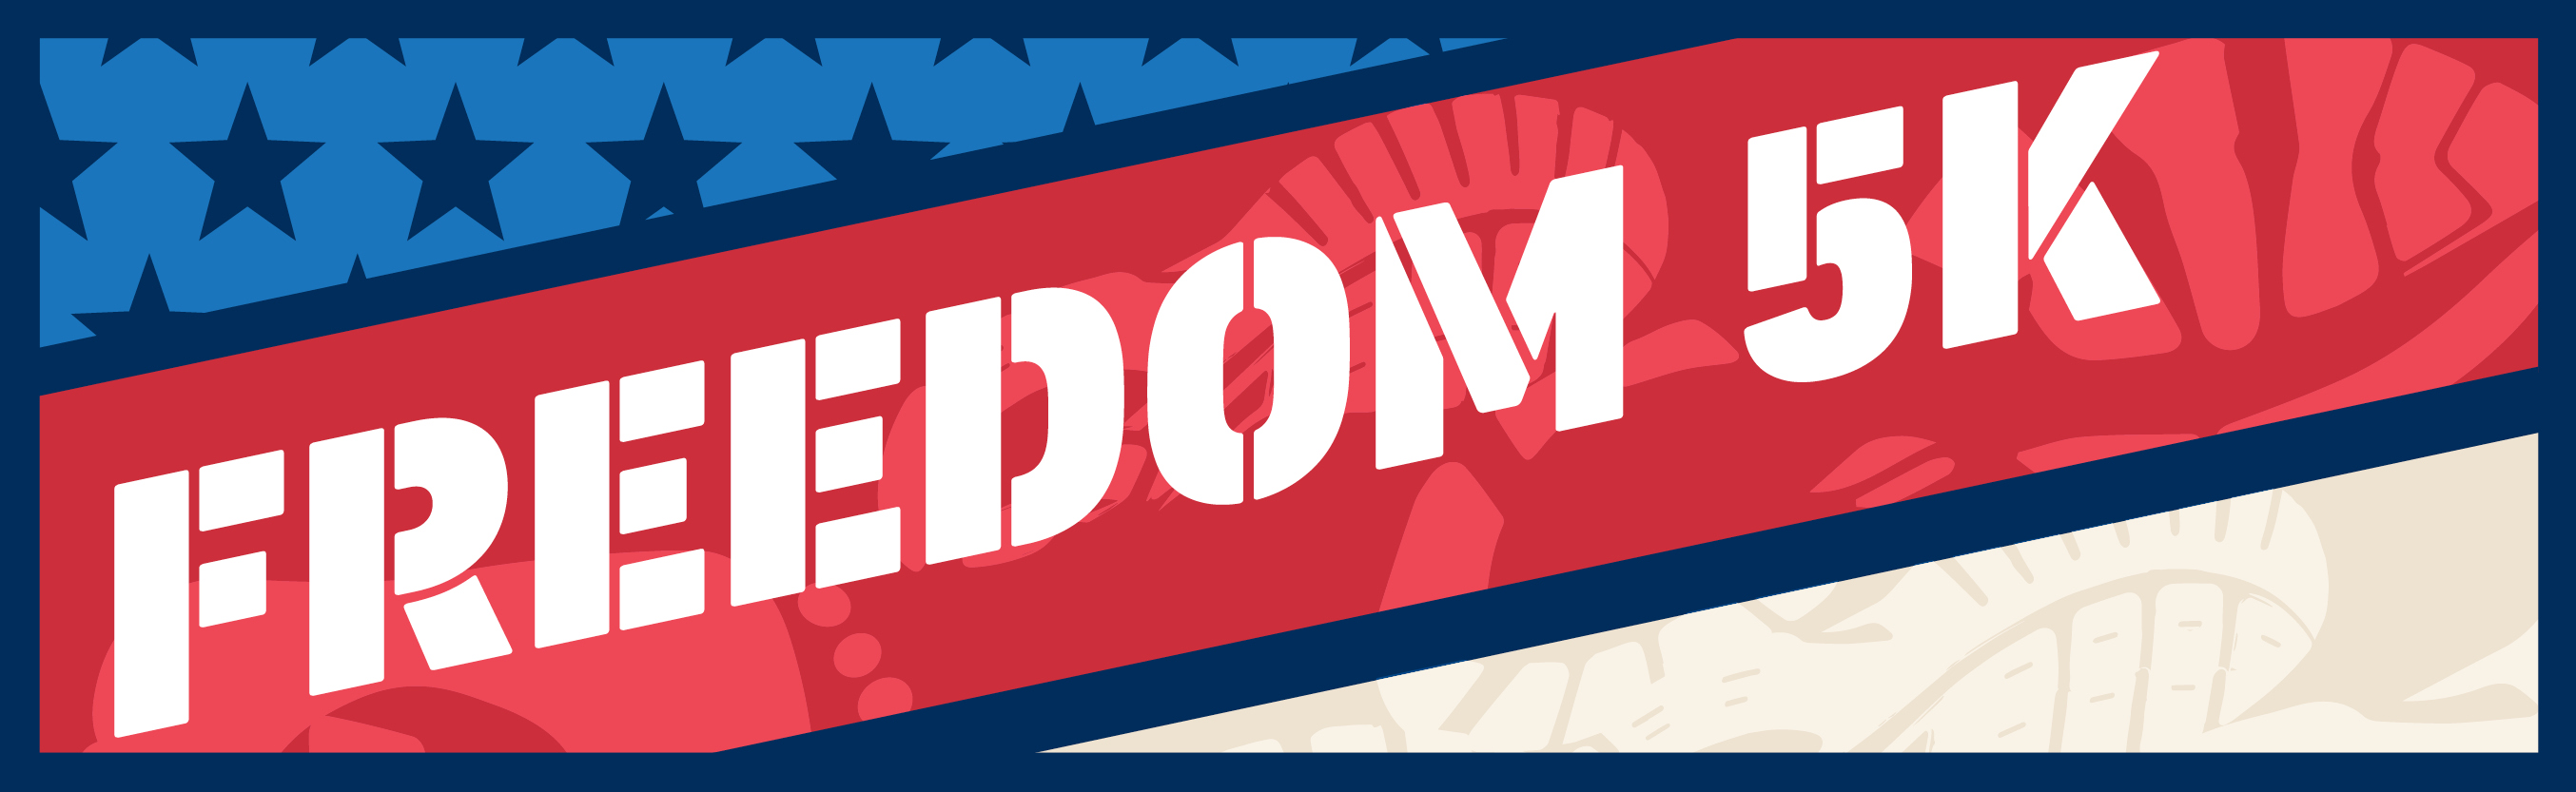 Freedom 5k Banner